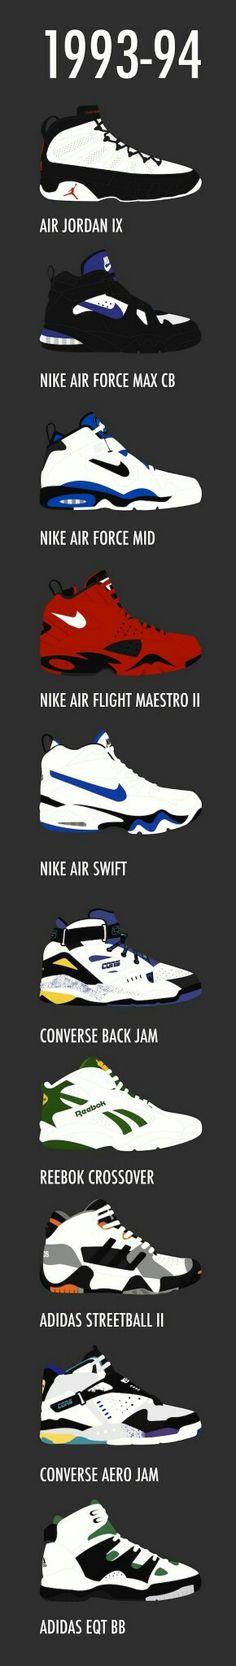 125 Best Old School Kicks images in 2019 | Sneakers nike